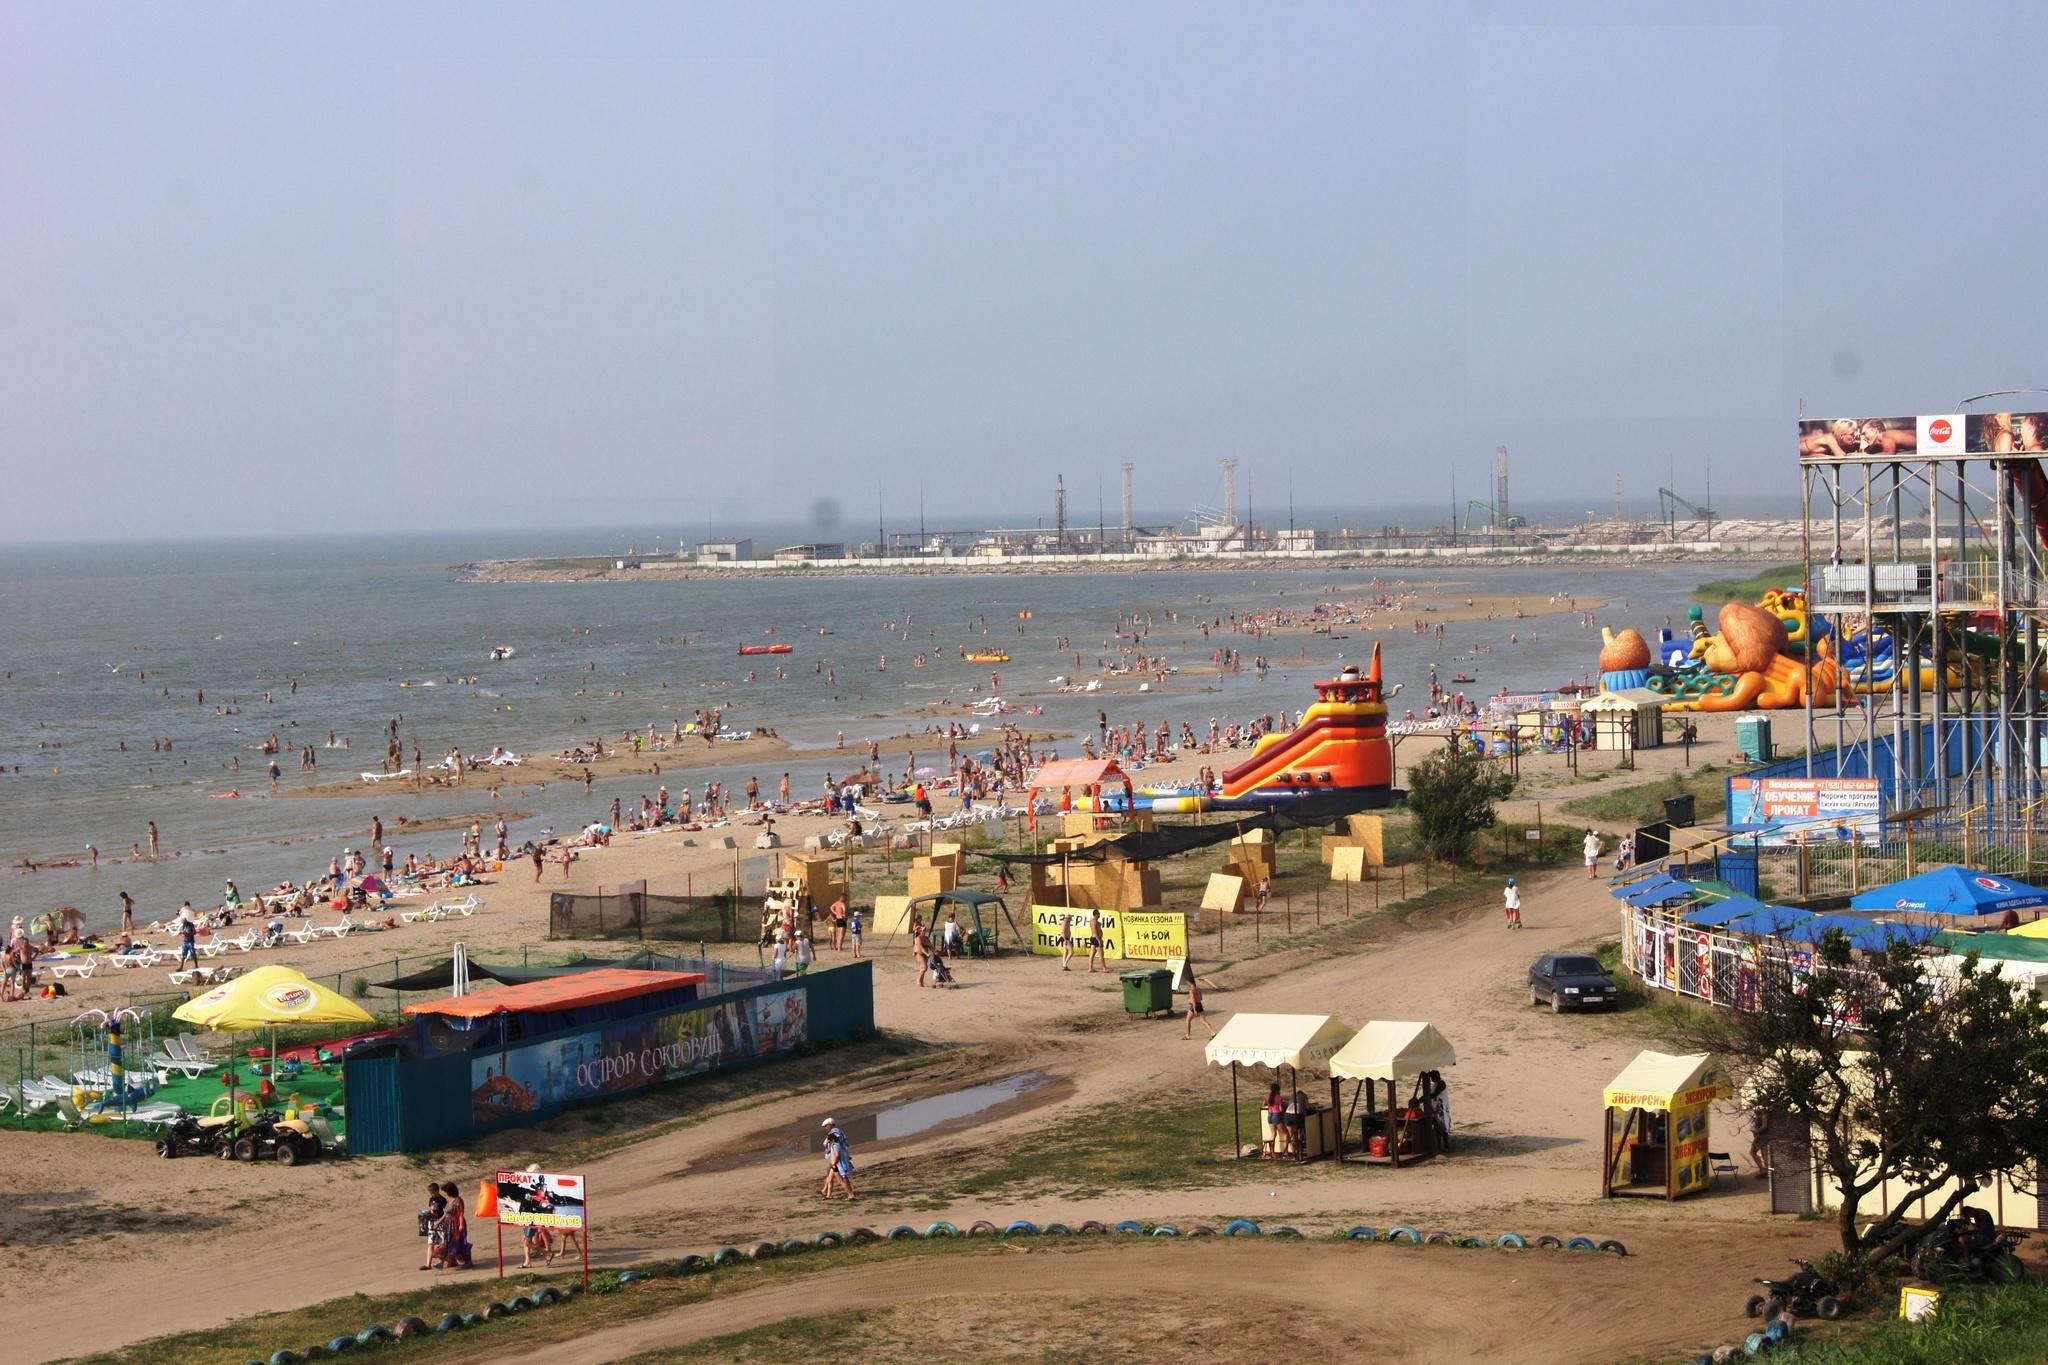 Отель жемчужина сочи фото пляжа некоторые пары